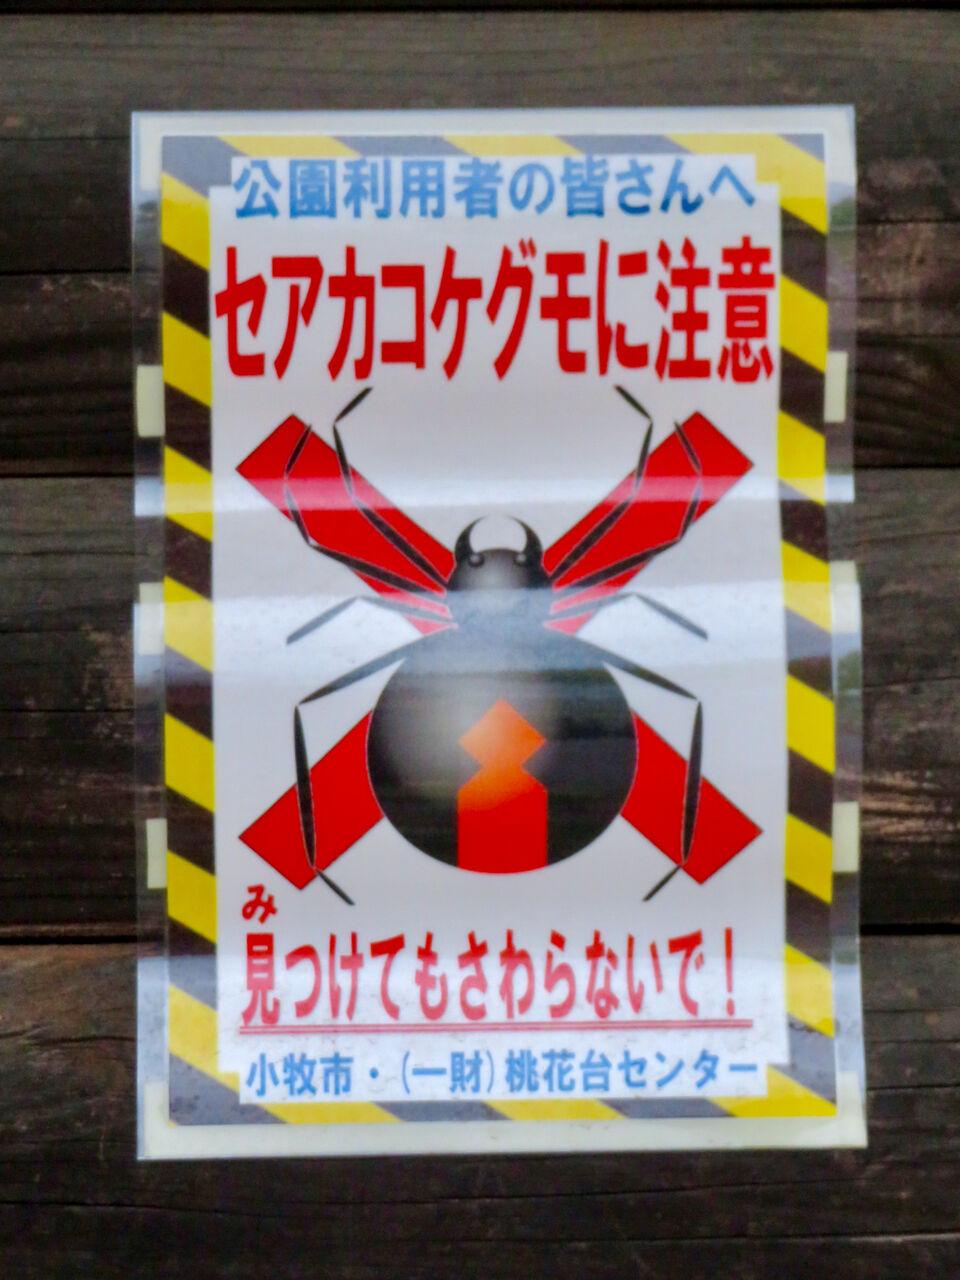 桃花台中央公園に「セアカゴケグモ注意」の張り紙!?